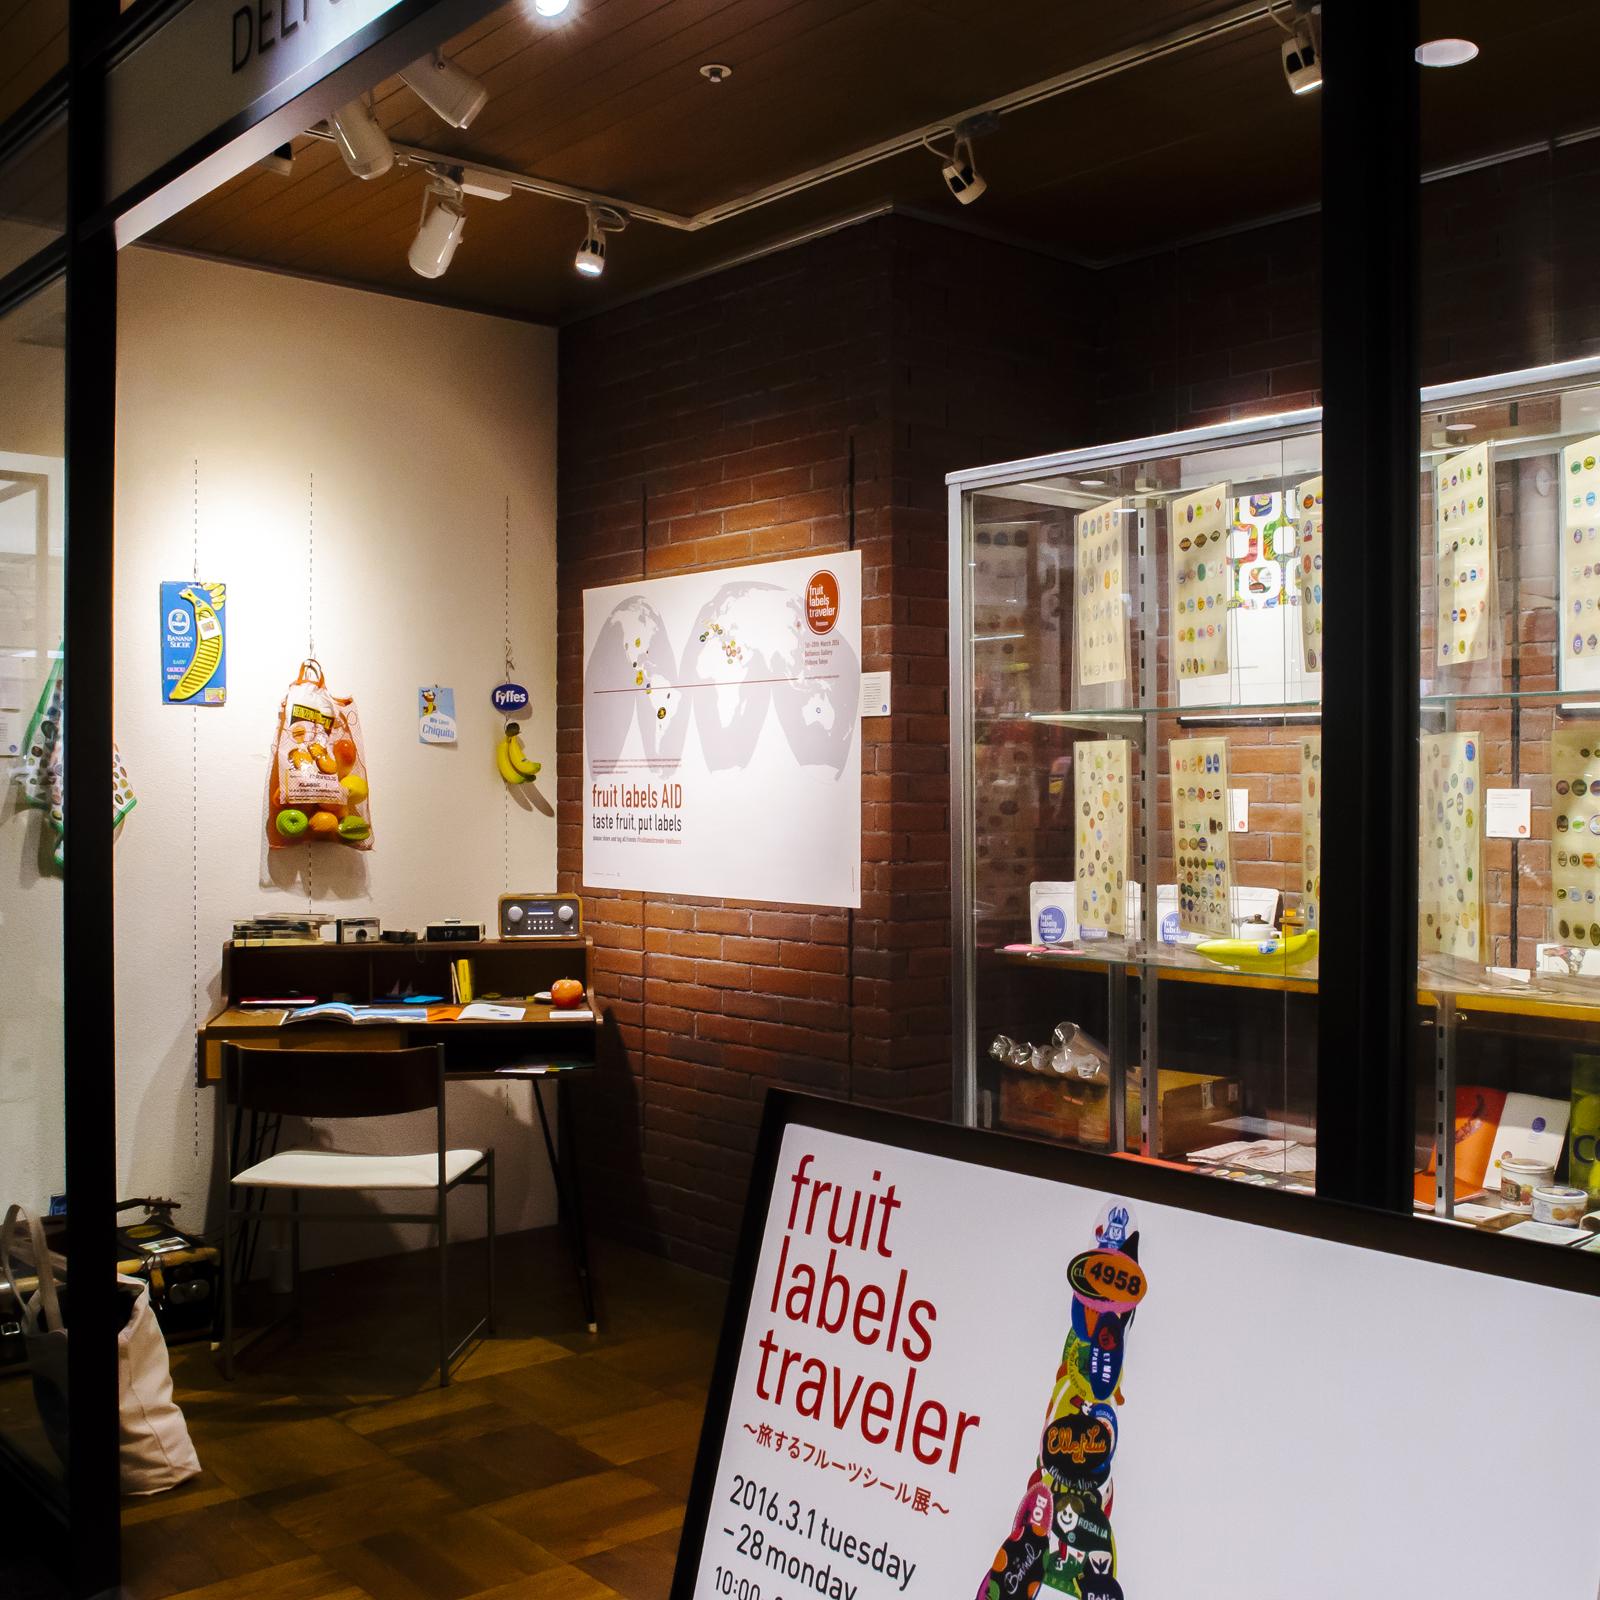 旅するフルーツシール展|Delfonics 渋谷ギャラリー|Fruit Labels Traveler